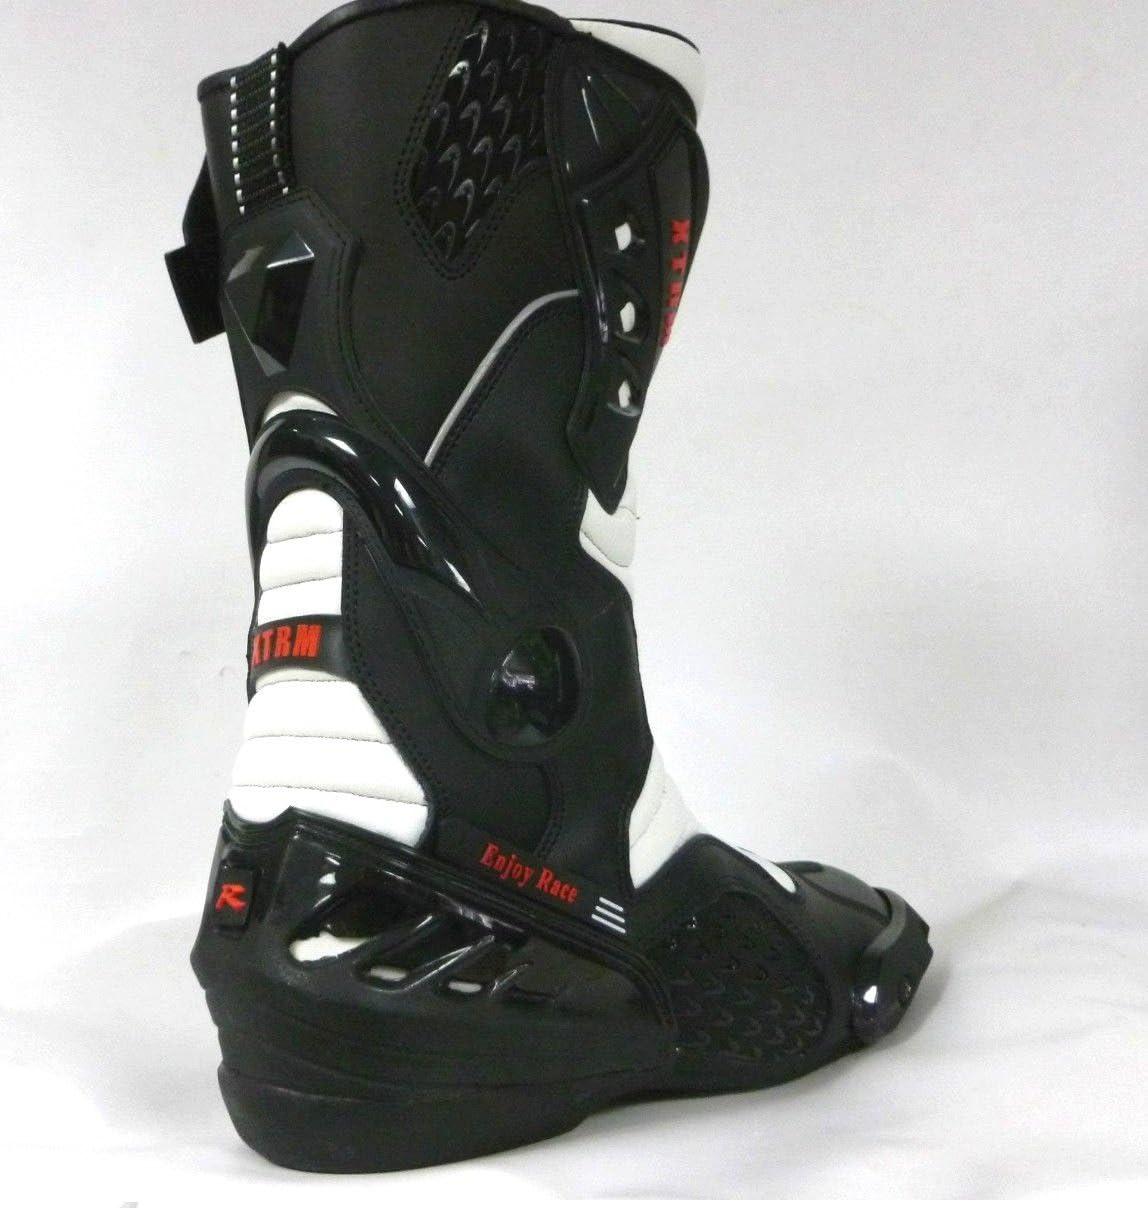 Bottes de Moto XTRM Core Adulte Bottes Hommes /& Femmes Scooter Quad Rider sur Route Course Tournee Sport Armure de certifie CE Bottes Longues